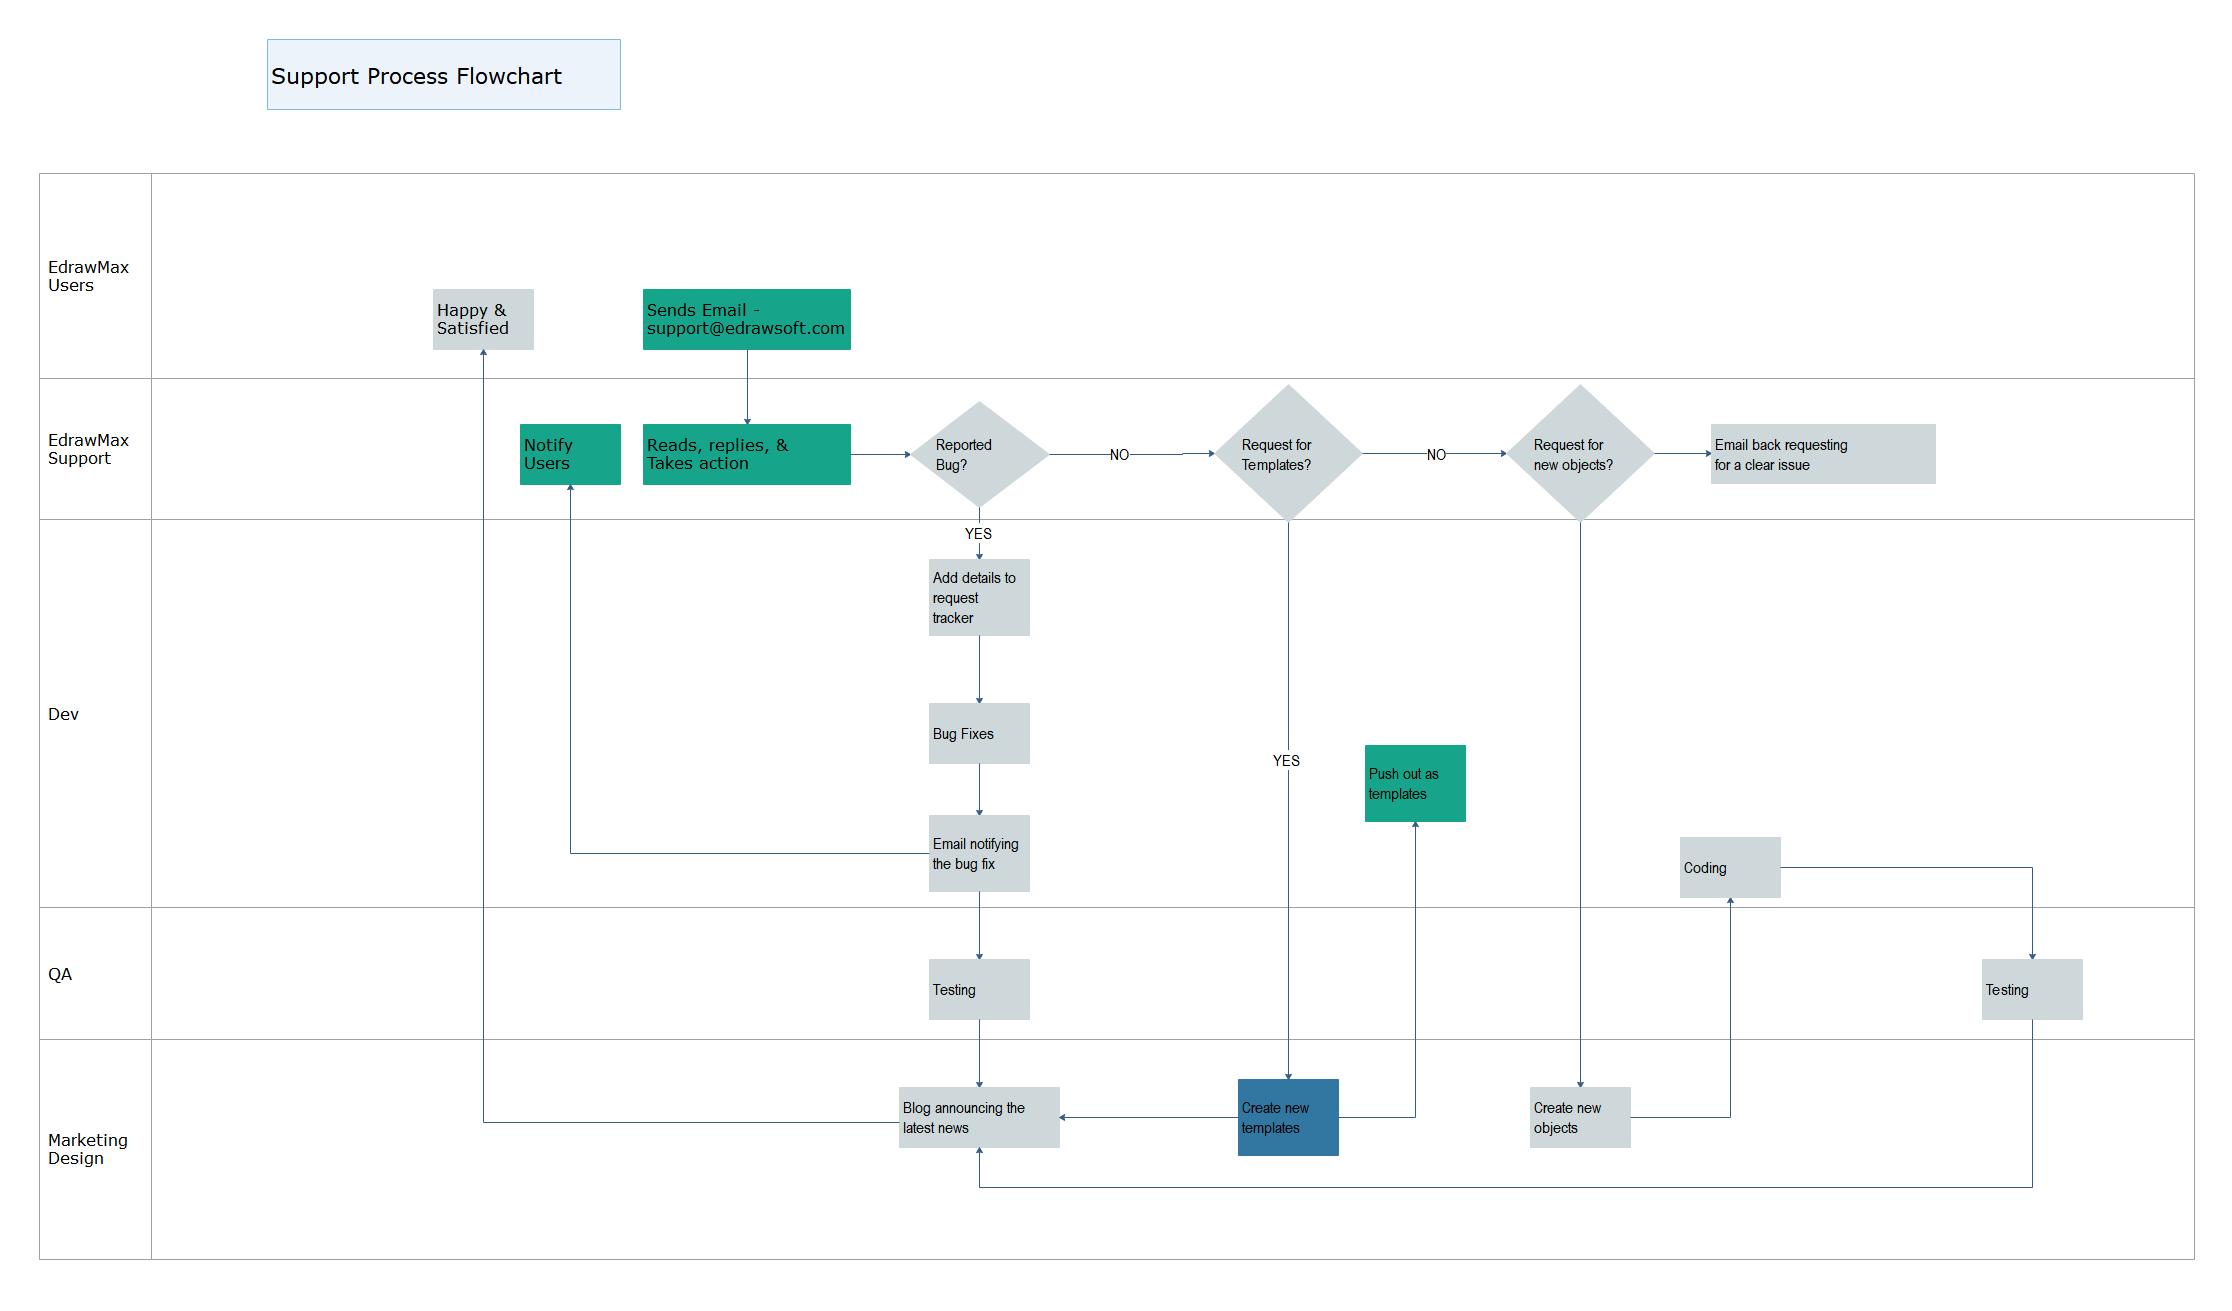 How to Draw a Swimlane Flowchart